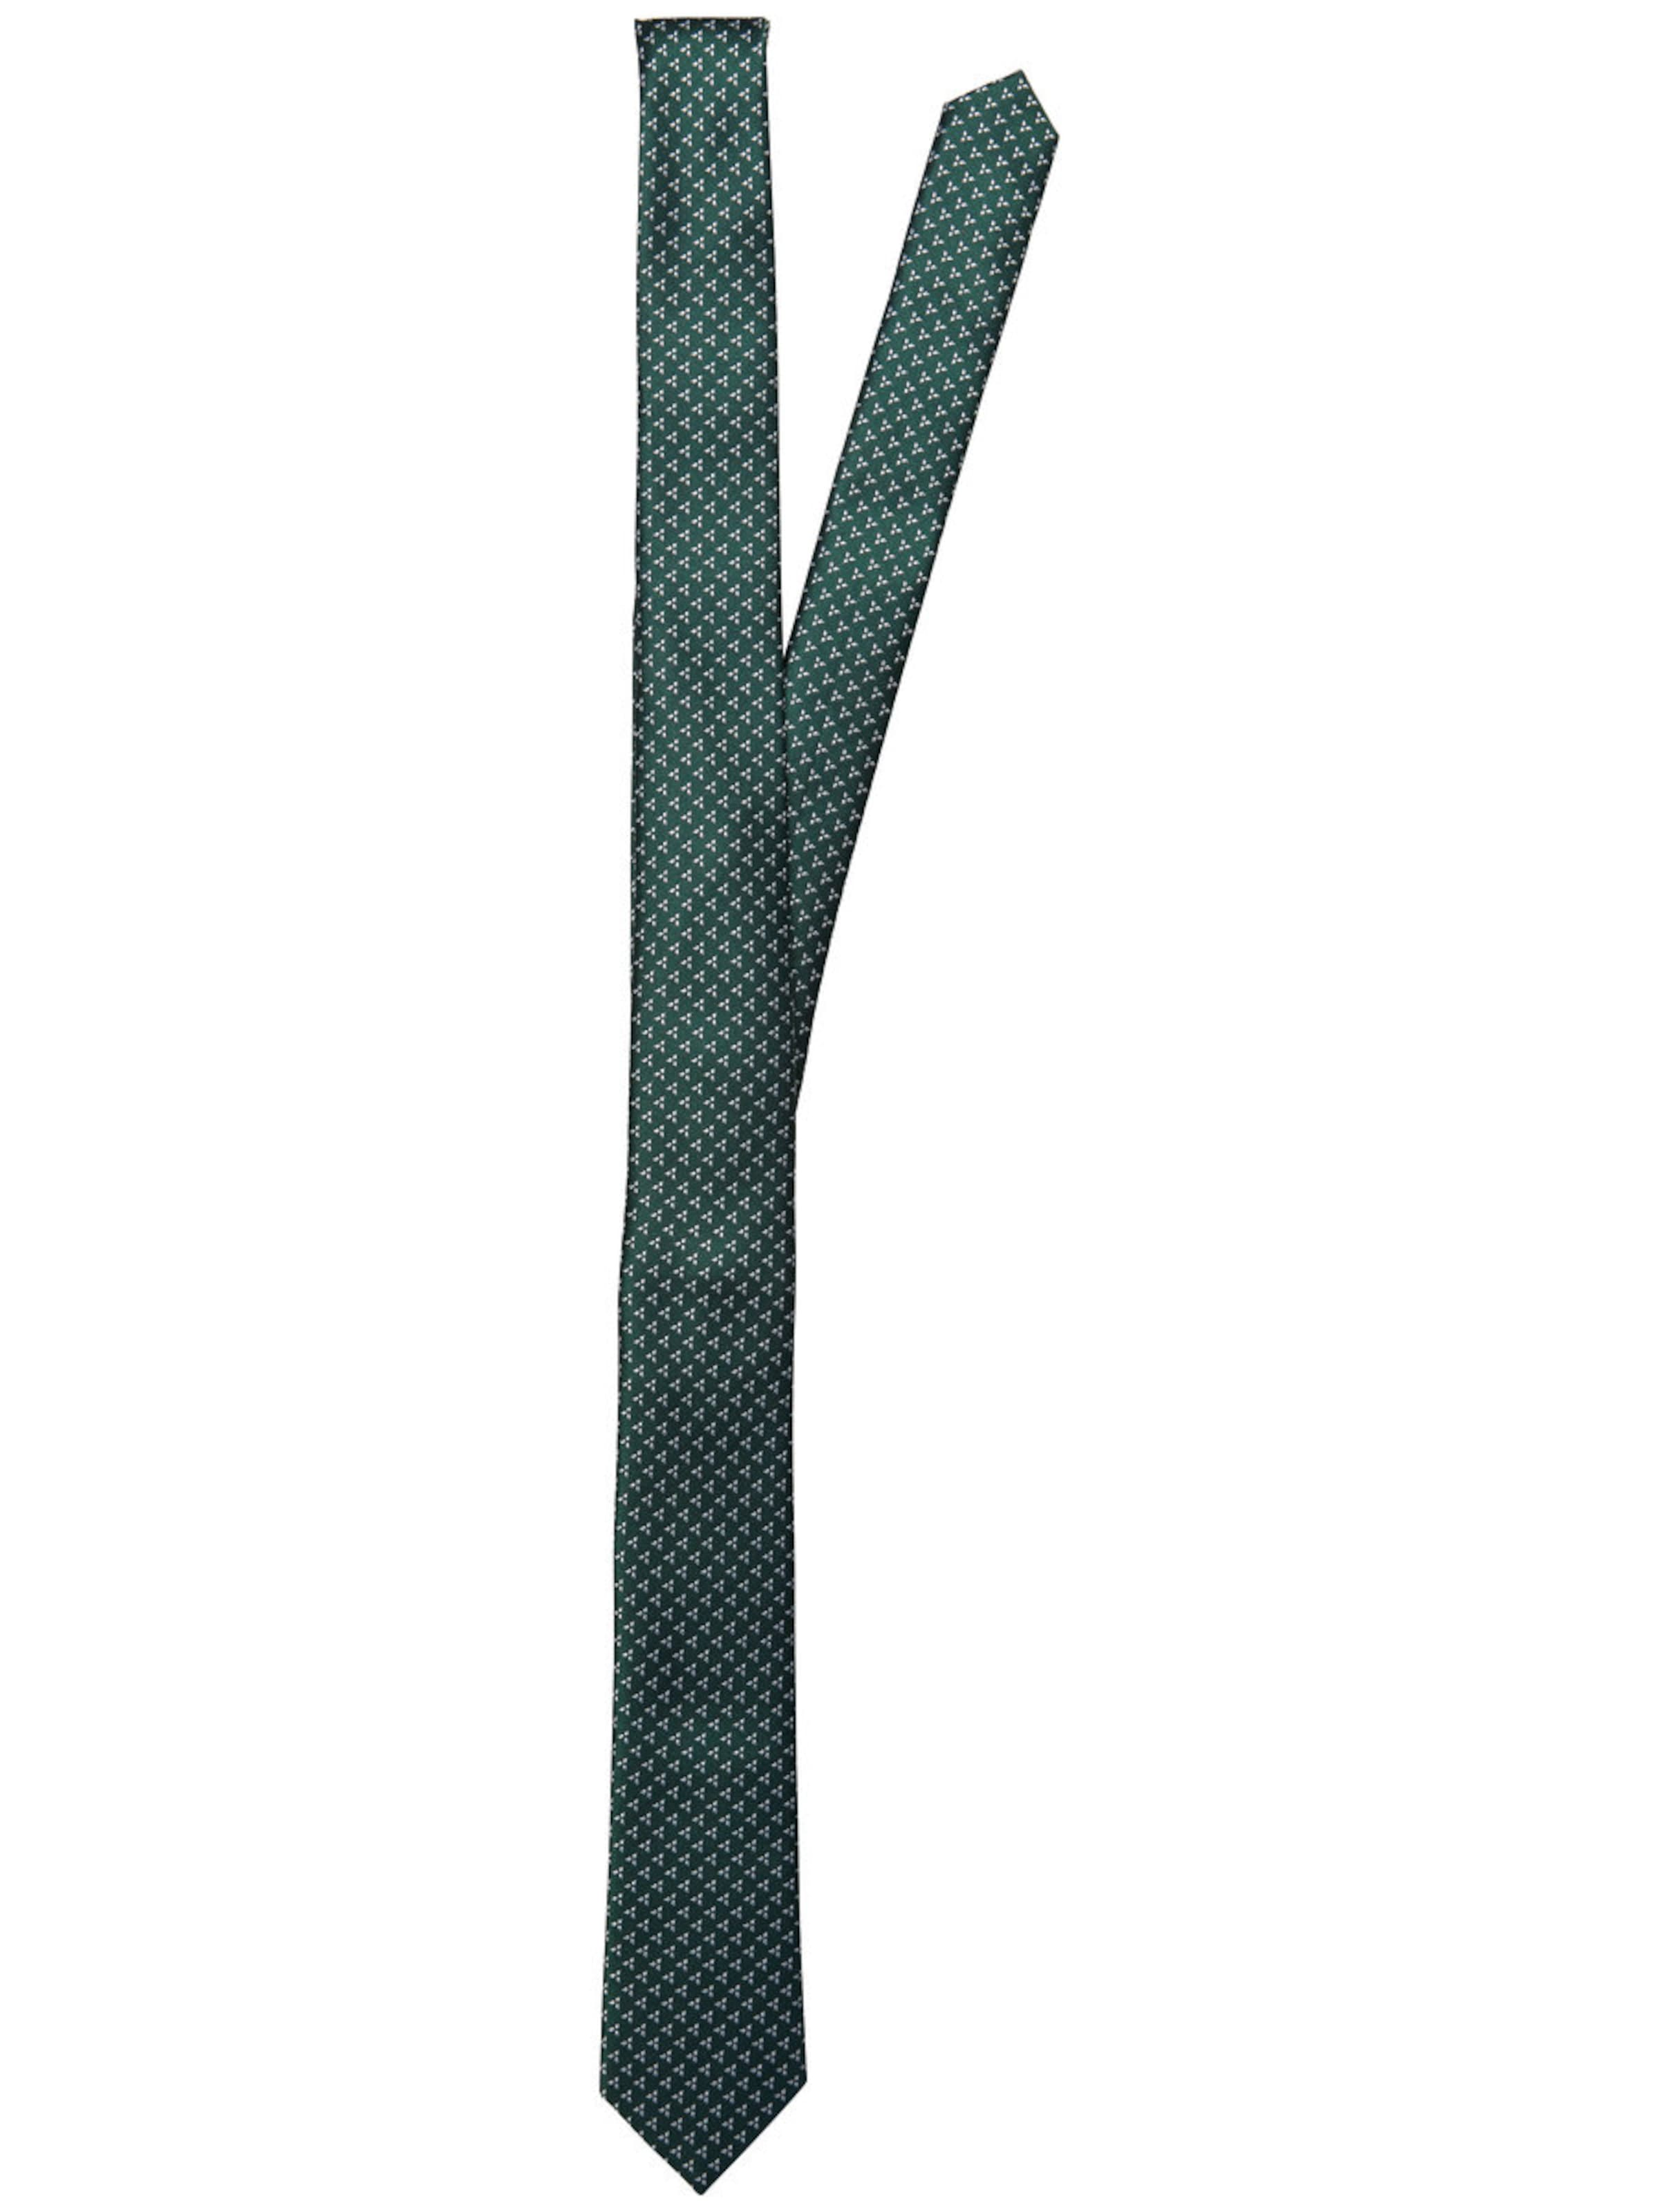 SELECTED HOMME Seiden Krawatte Freies Verschiffen-Spielraum Store Online-Verkauf Spielraum Günstigsten Preis Bilder Günstig Online Günstig Kaufen Shop 1rEKXZ